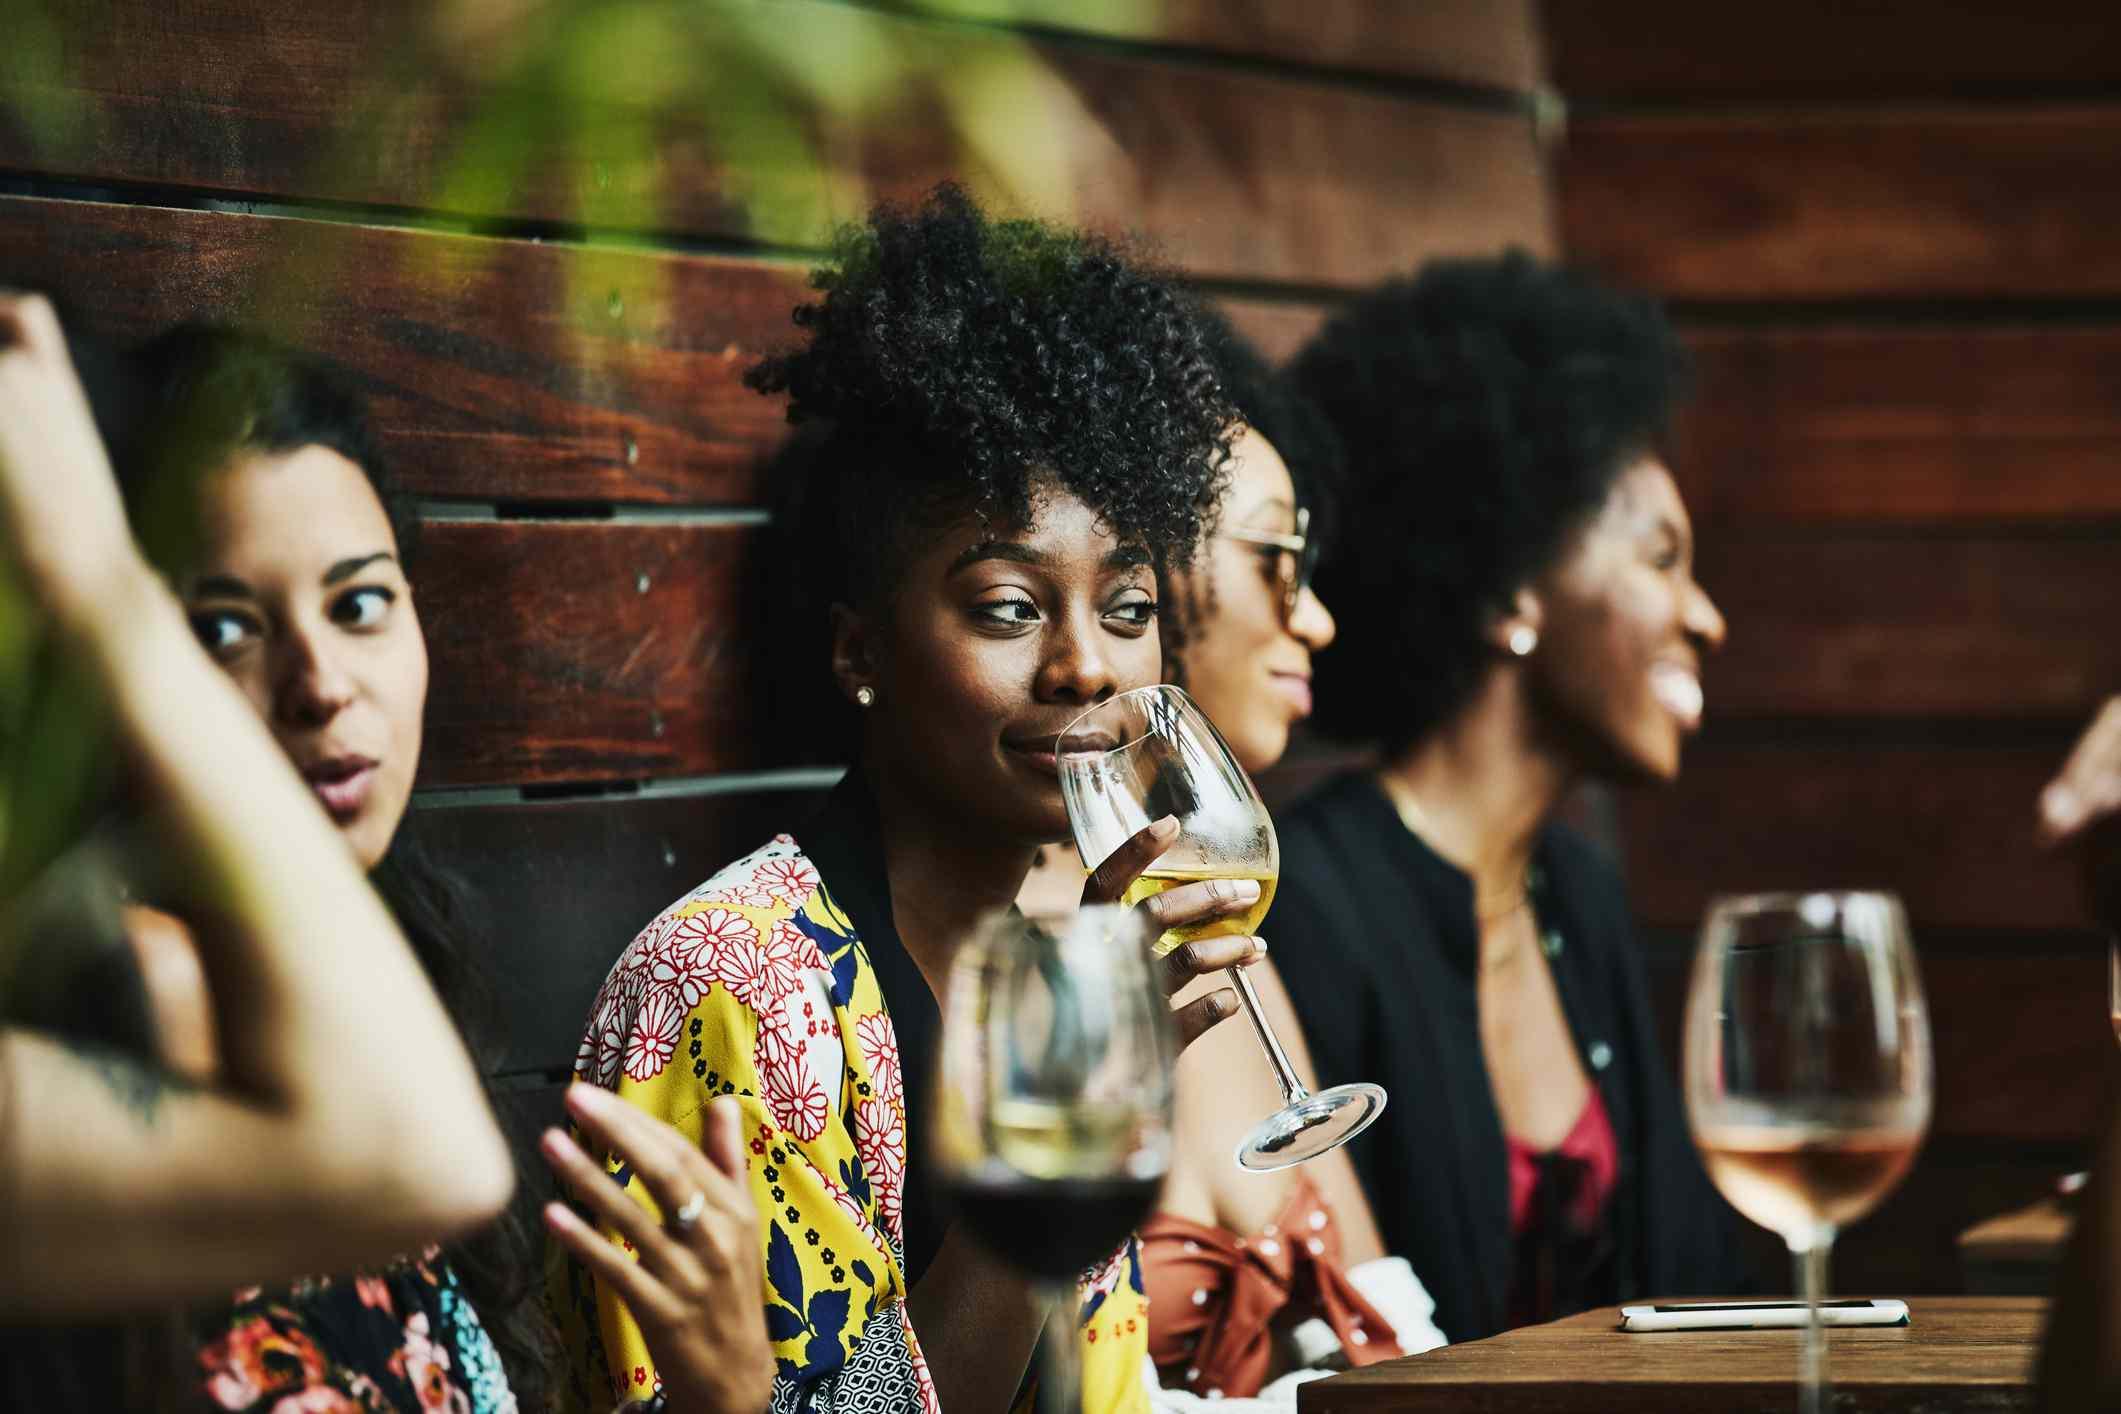 Grupo de amigos beben vino alrededor de una mesa